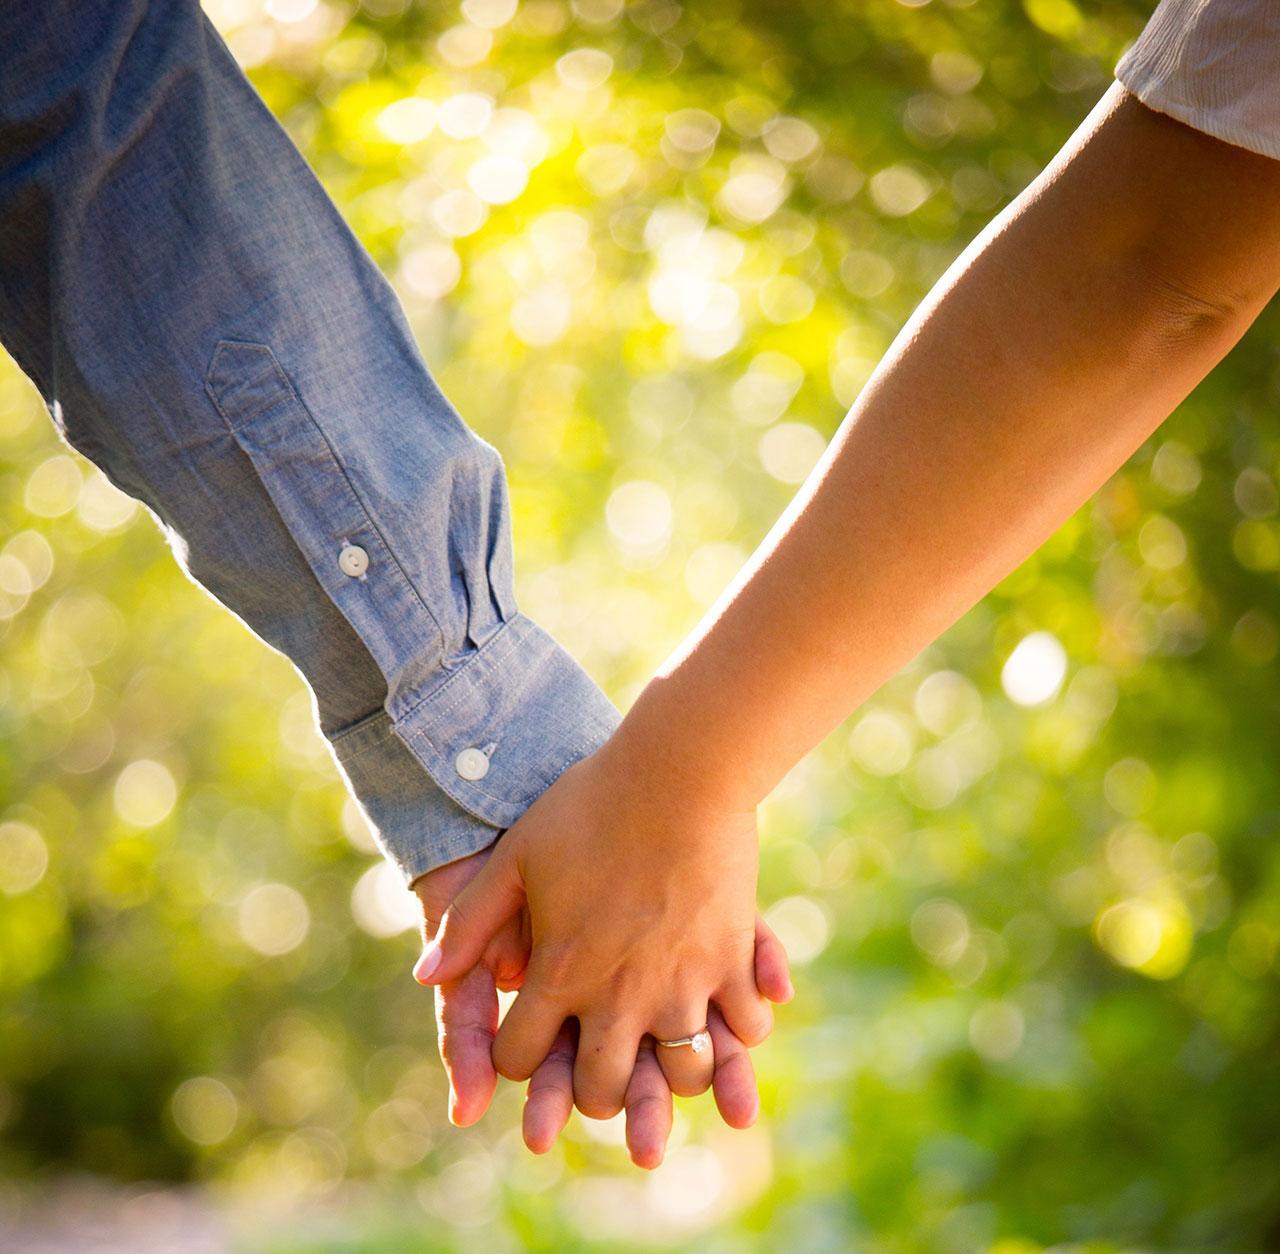 Małżeństwo - dlaczego tego pragniemy?